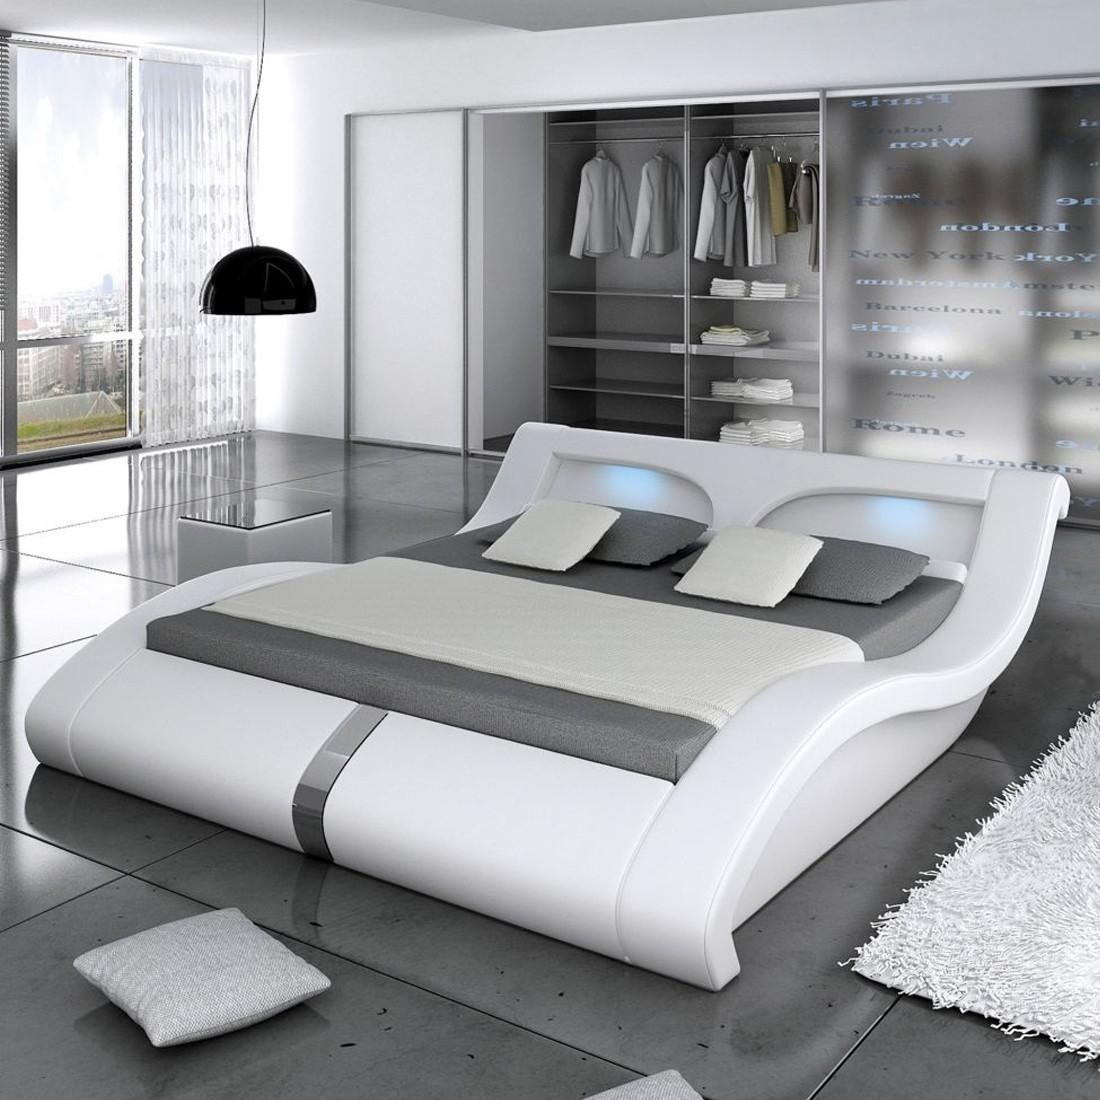 lit led design pacific ii. Black Bedroom Furniture Sets. Home Design Ideas